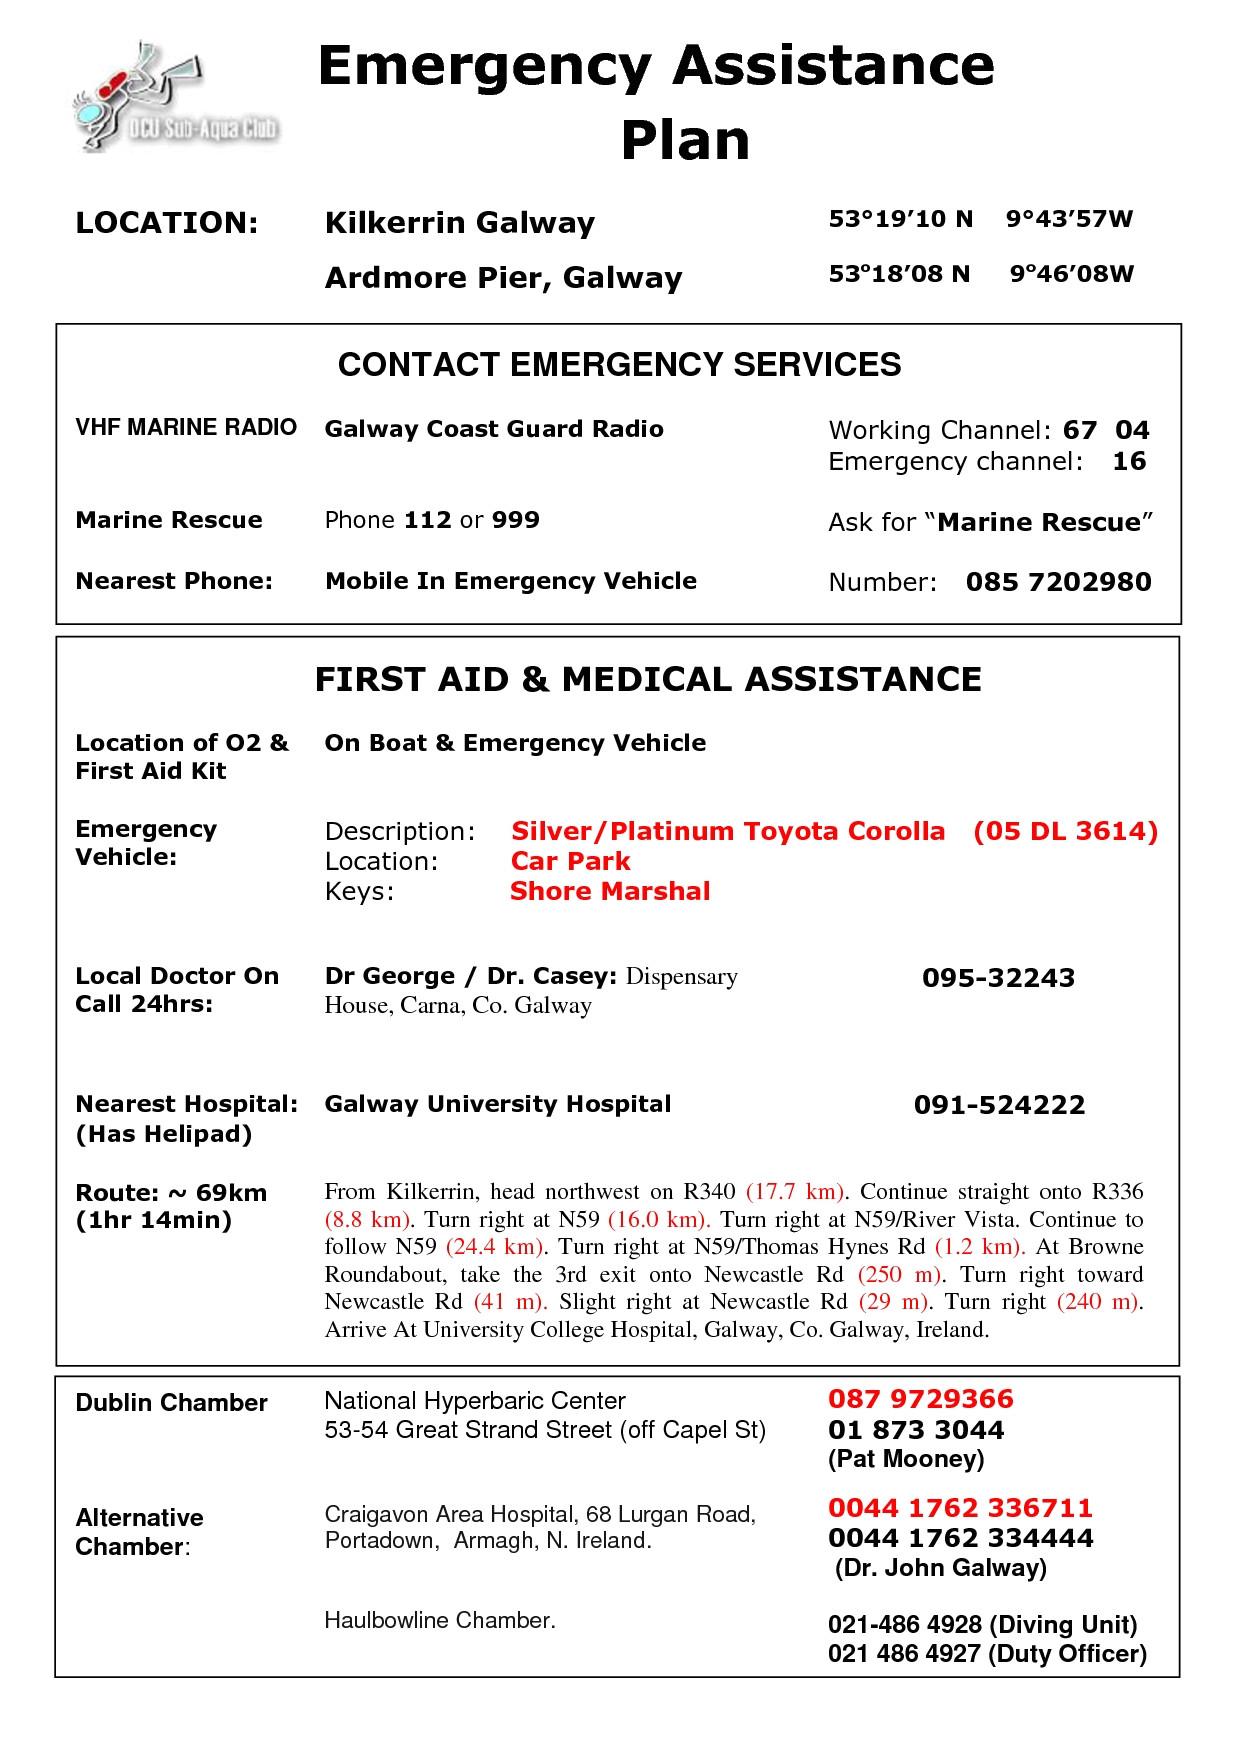 Padi Emergency Action Plan Template Padi Emergency Action Plan Template Mentalidadhumana Info